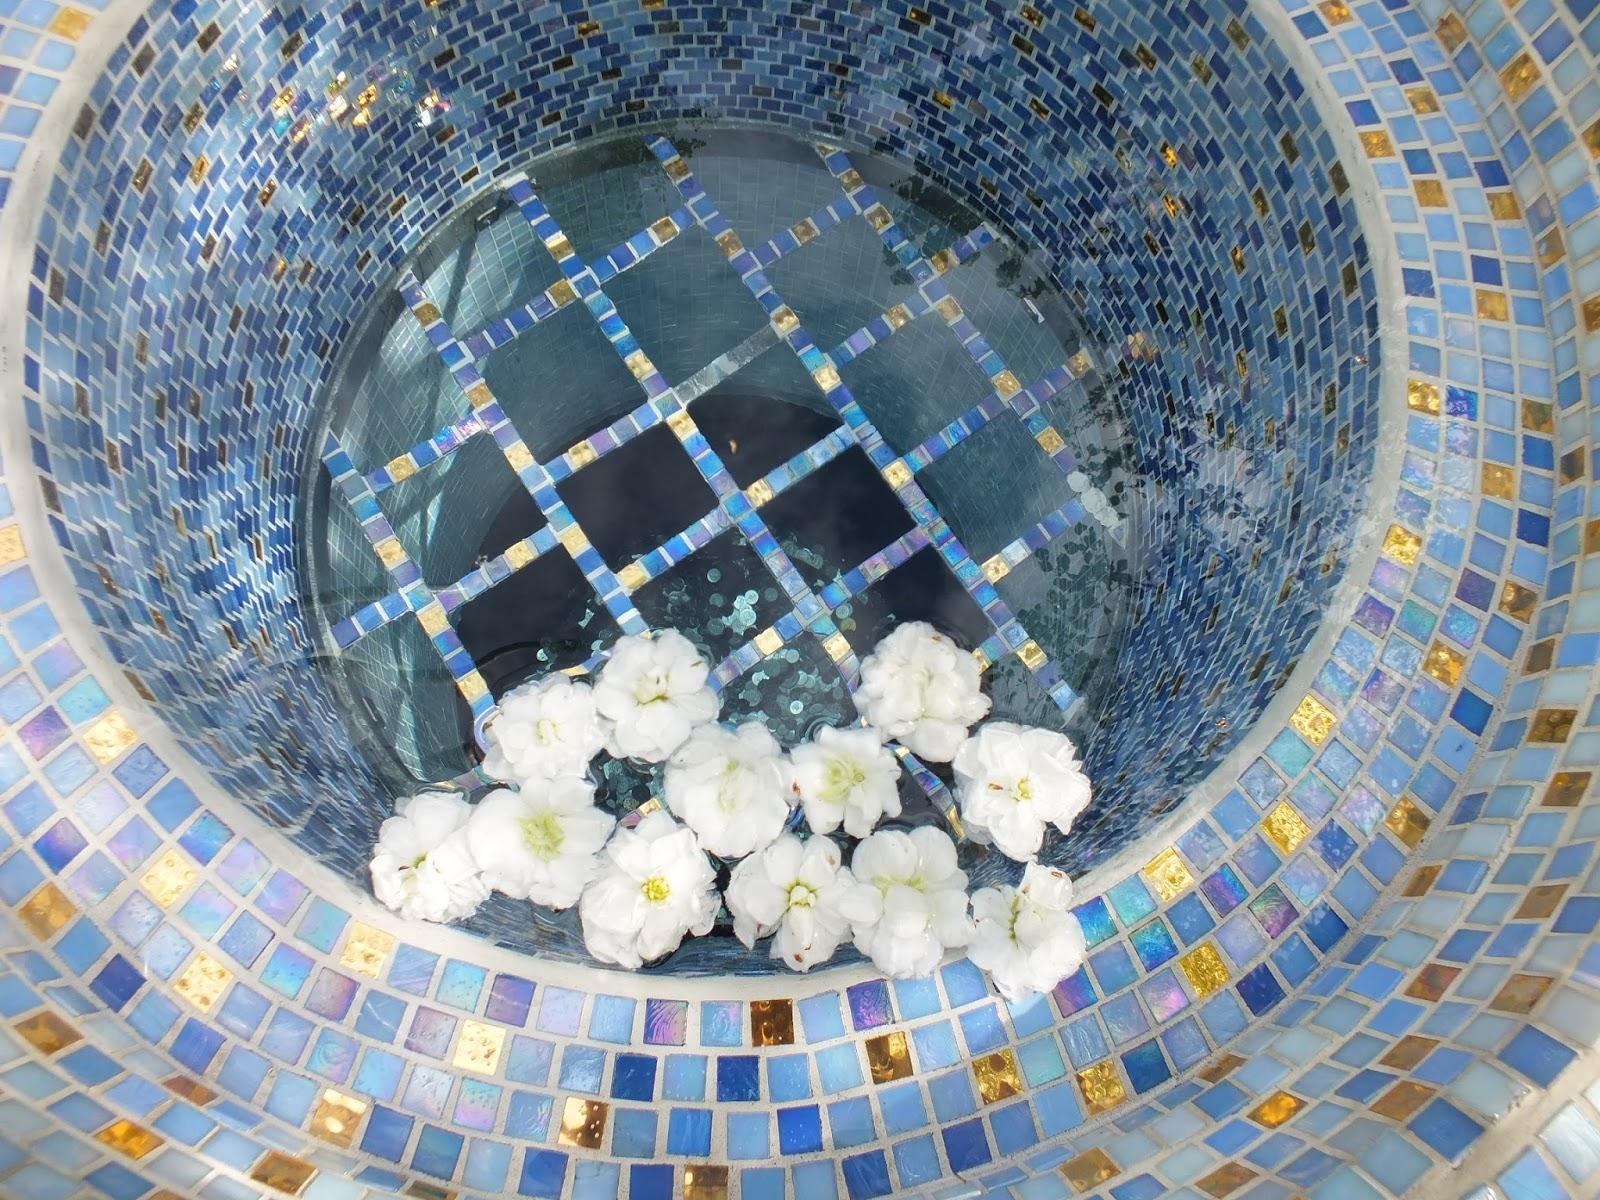 Full Size of Mosaikbrunnen Selber Bauen G Slandi Ich In Island Von Akureyri Nach Egilstair Bett Zusammenstellen 180x200 Küche Planen Boxspring Neue Fenster Einbauen Wohnzimmer Mosaikbrunnen Selber Bauen